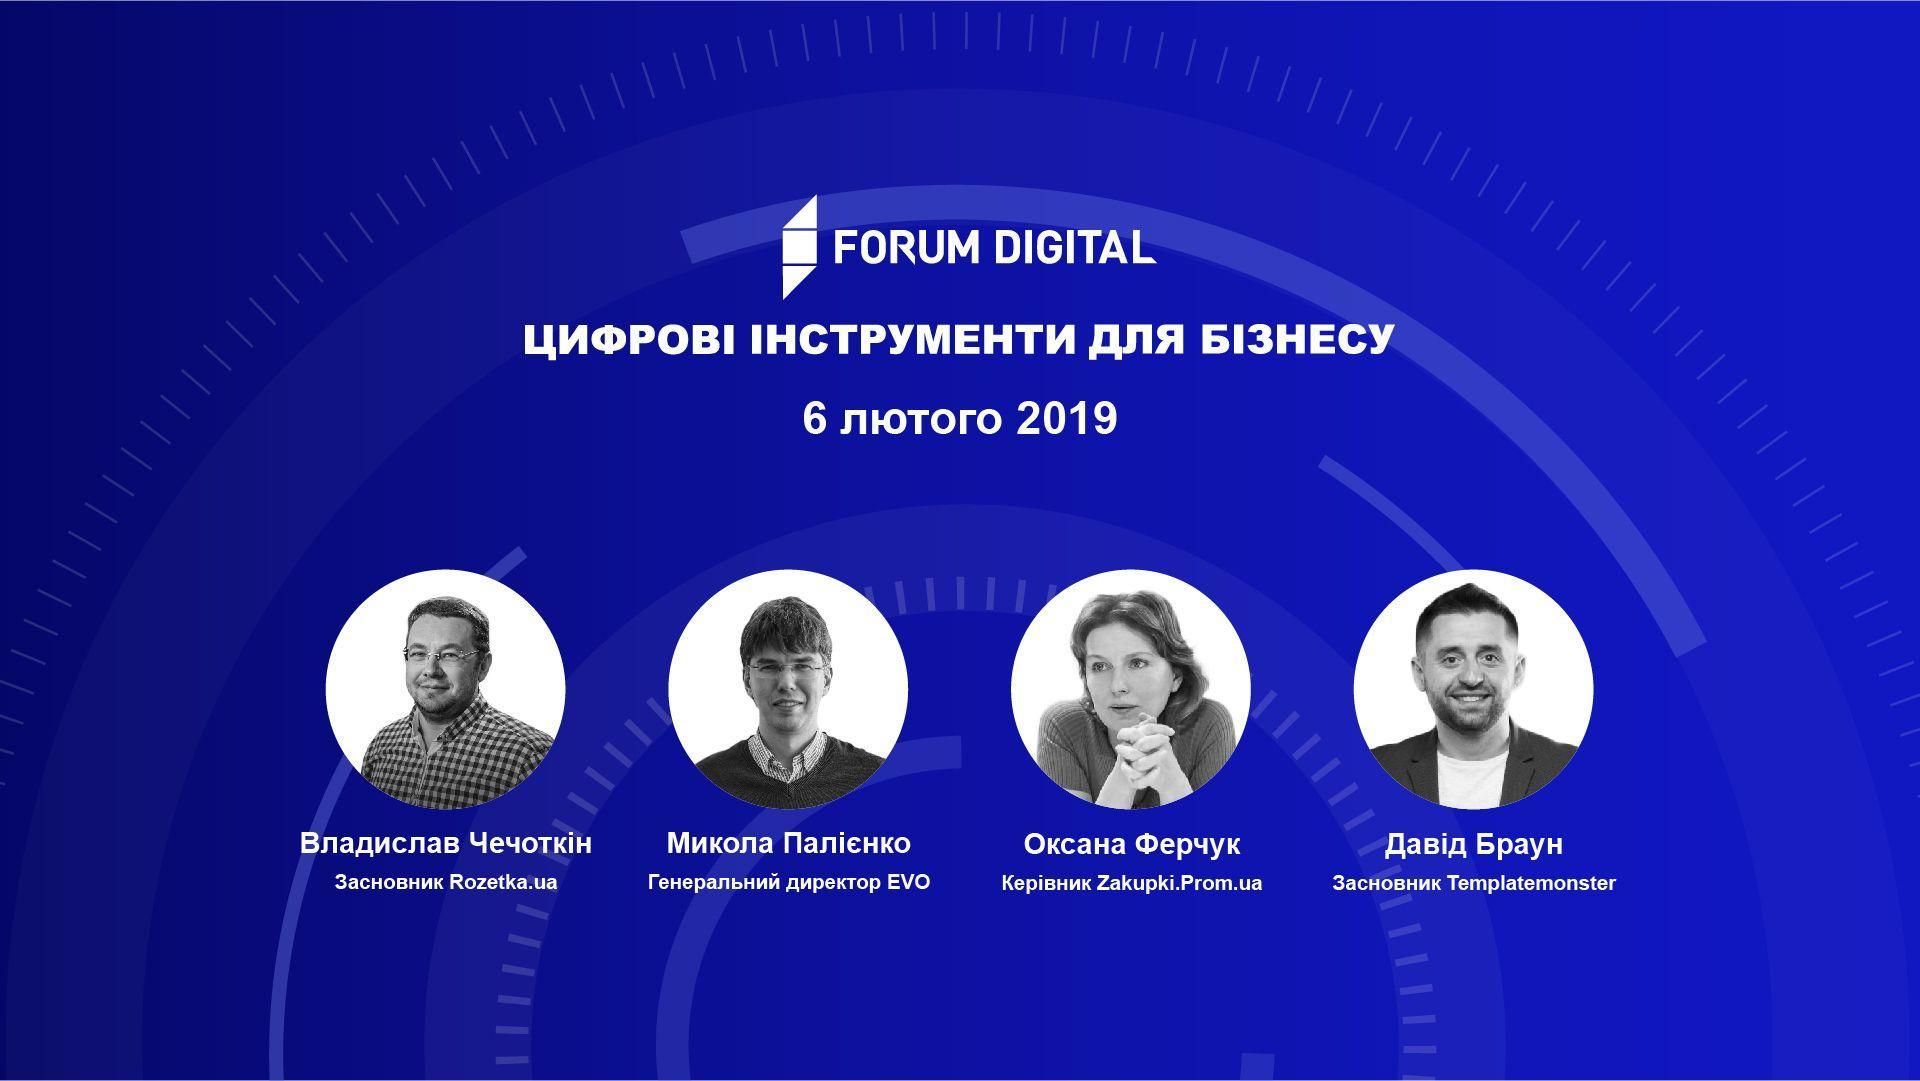 Forum Digital  як уже сьогодні цифрові інструменти змінюють світ і бізнес    Ассоциация ритейлеров Украины 3a7af8fc137